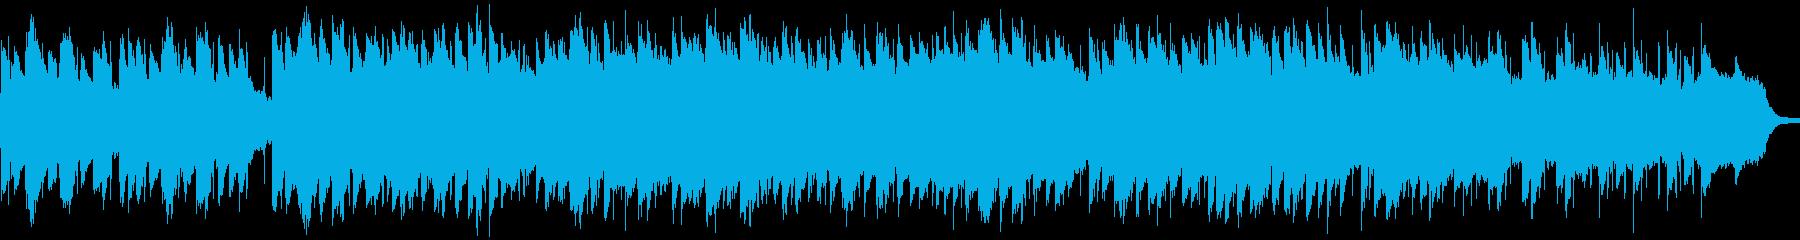 ブルース リラックス のんびり ピ...の再生済みの波形